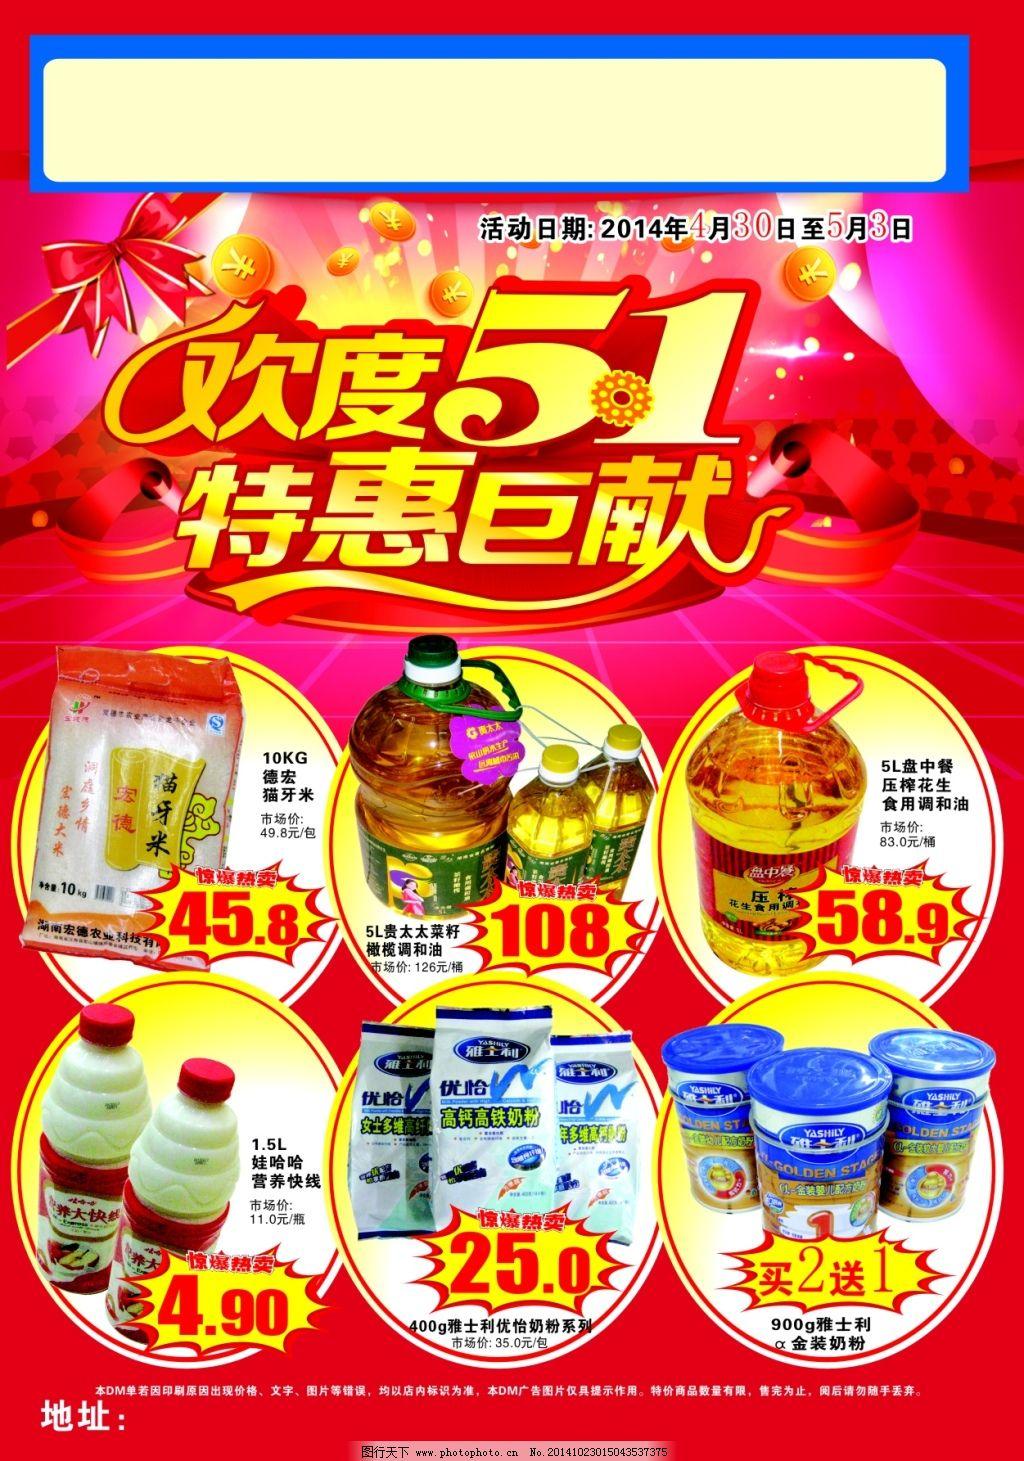 欢度五一免费下载 超市 欢度 五一 欢度 五一 特惠巨献 超市 原创设计